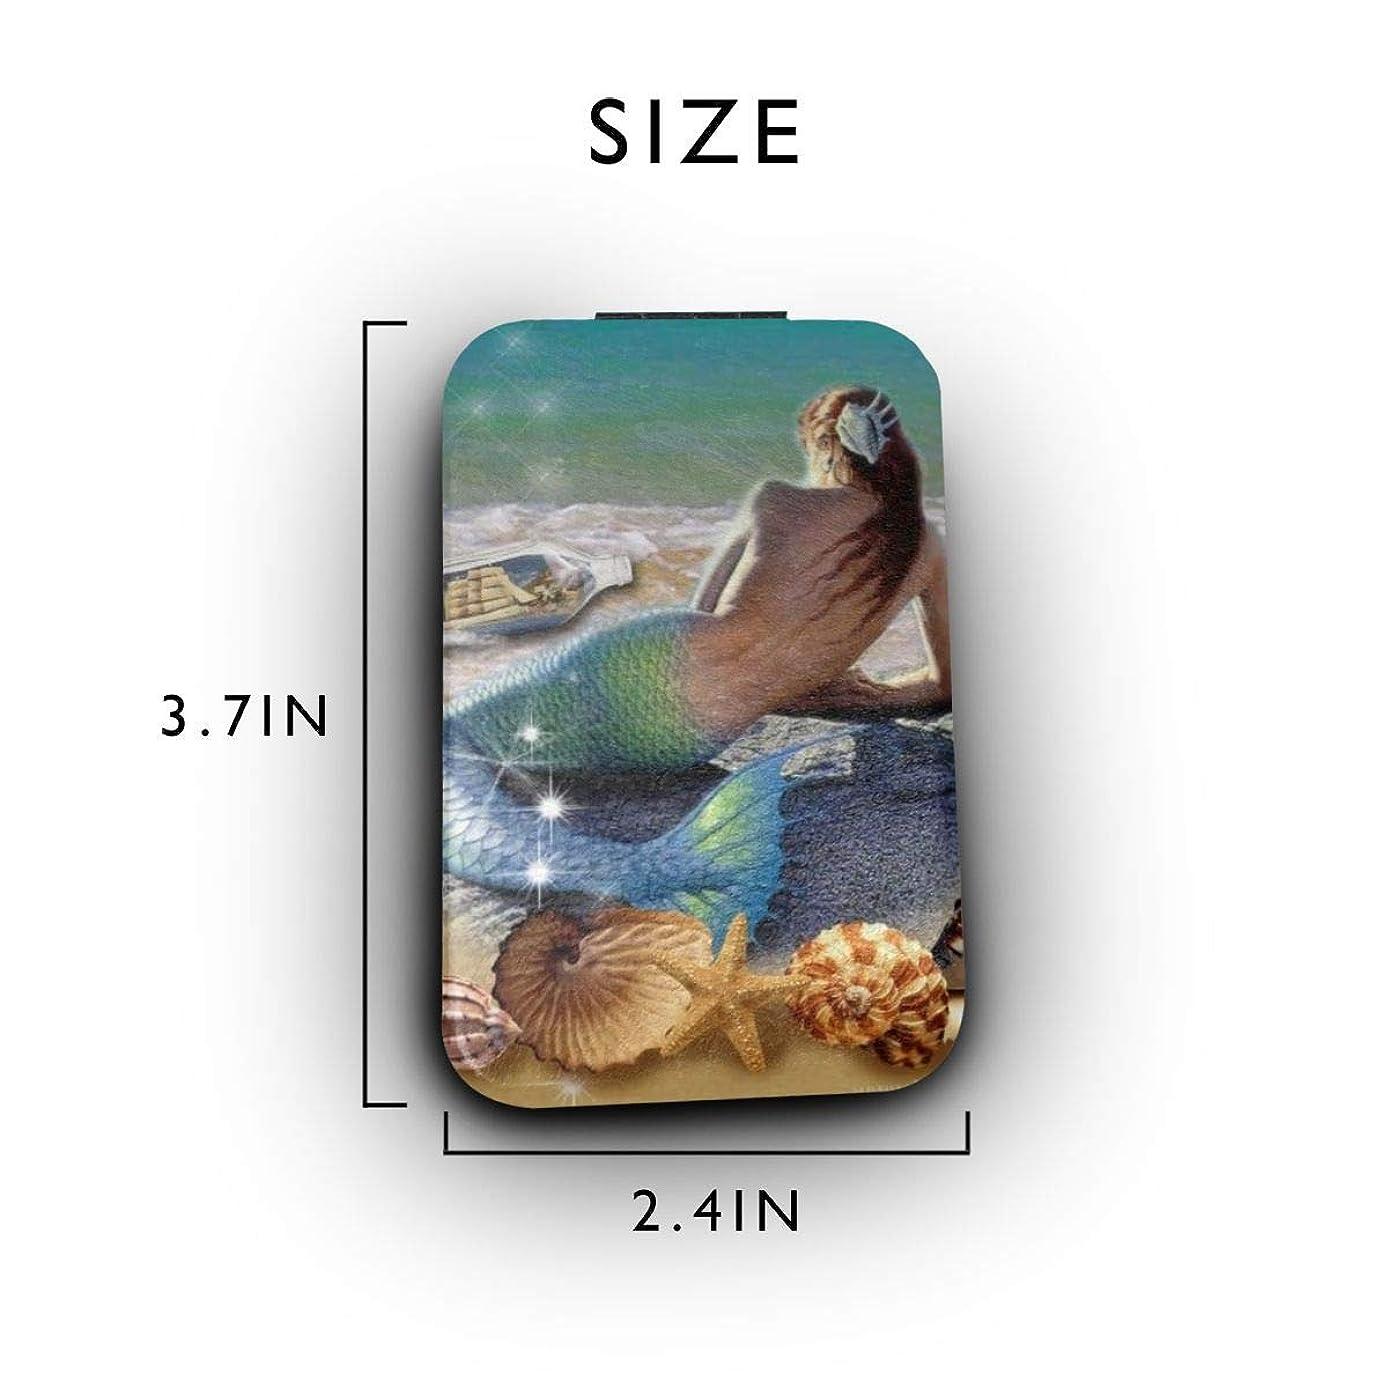 ピュー降ろす精巧な人魚 携帯ミラー 手鏡 化粧鏡 ミニ化粧鏡 3倍拡大鏡+等倍鏡 両面化粧鏡 角型 携帯型 折り畳み式 コンパクト鏡 外出に 持ち運び便利 超軽量 おしゃれ 9.8X6.6CM